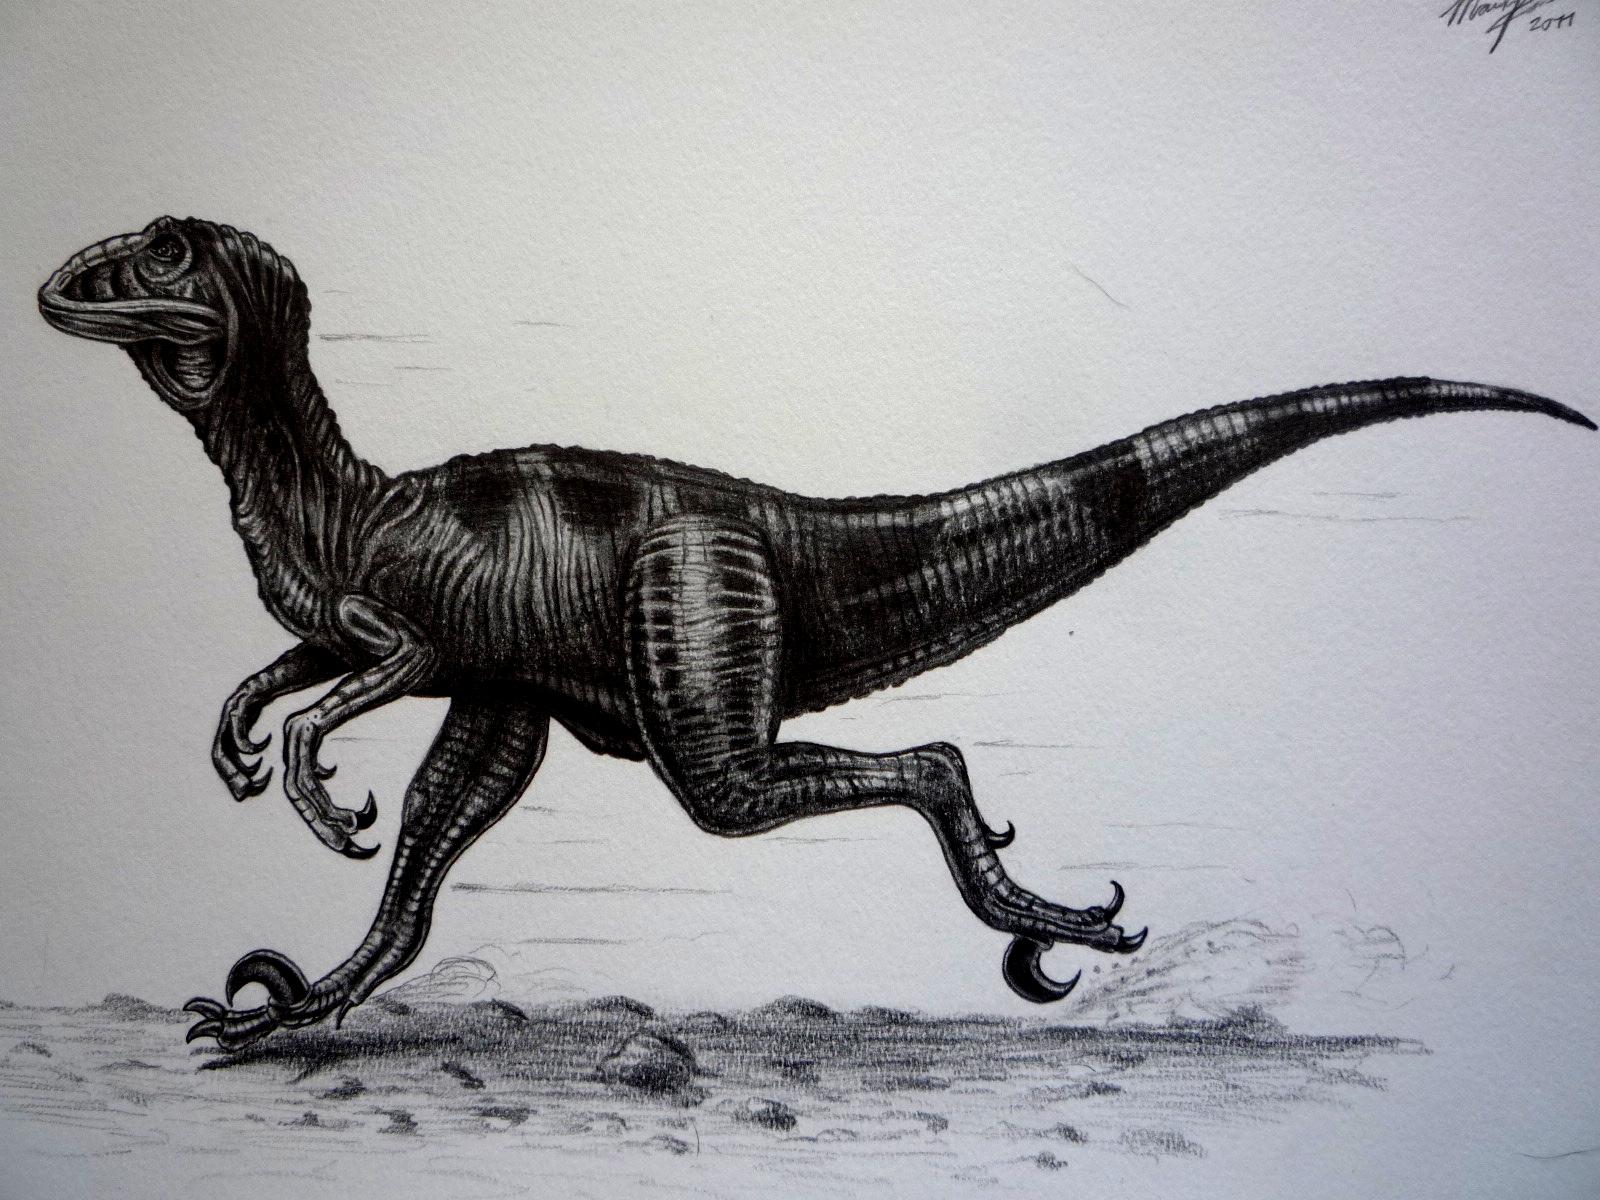 Pokémon-Zeichnung: Deinonychus